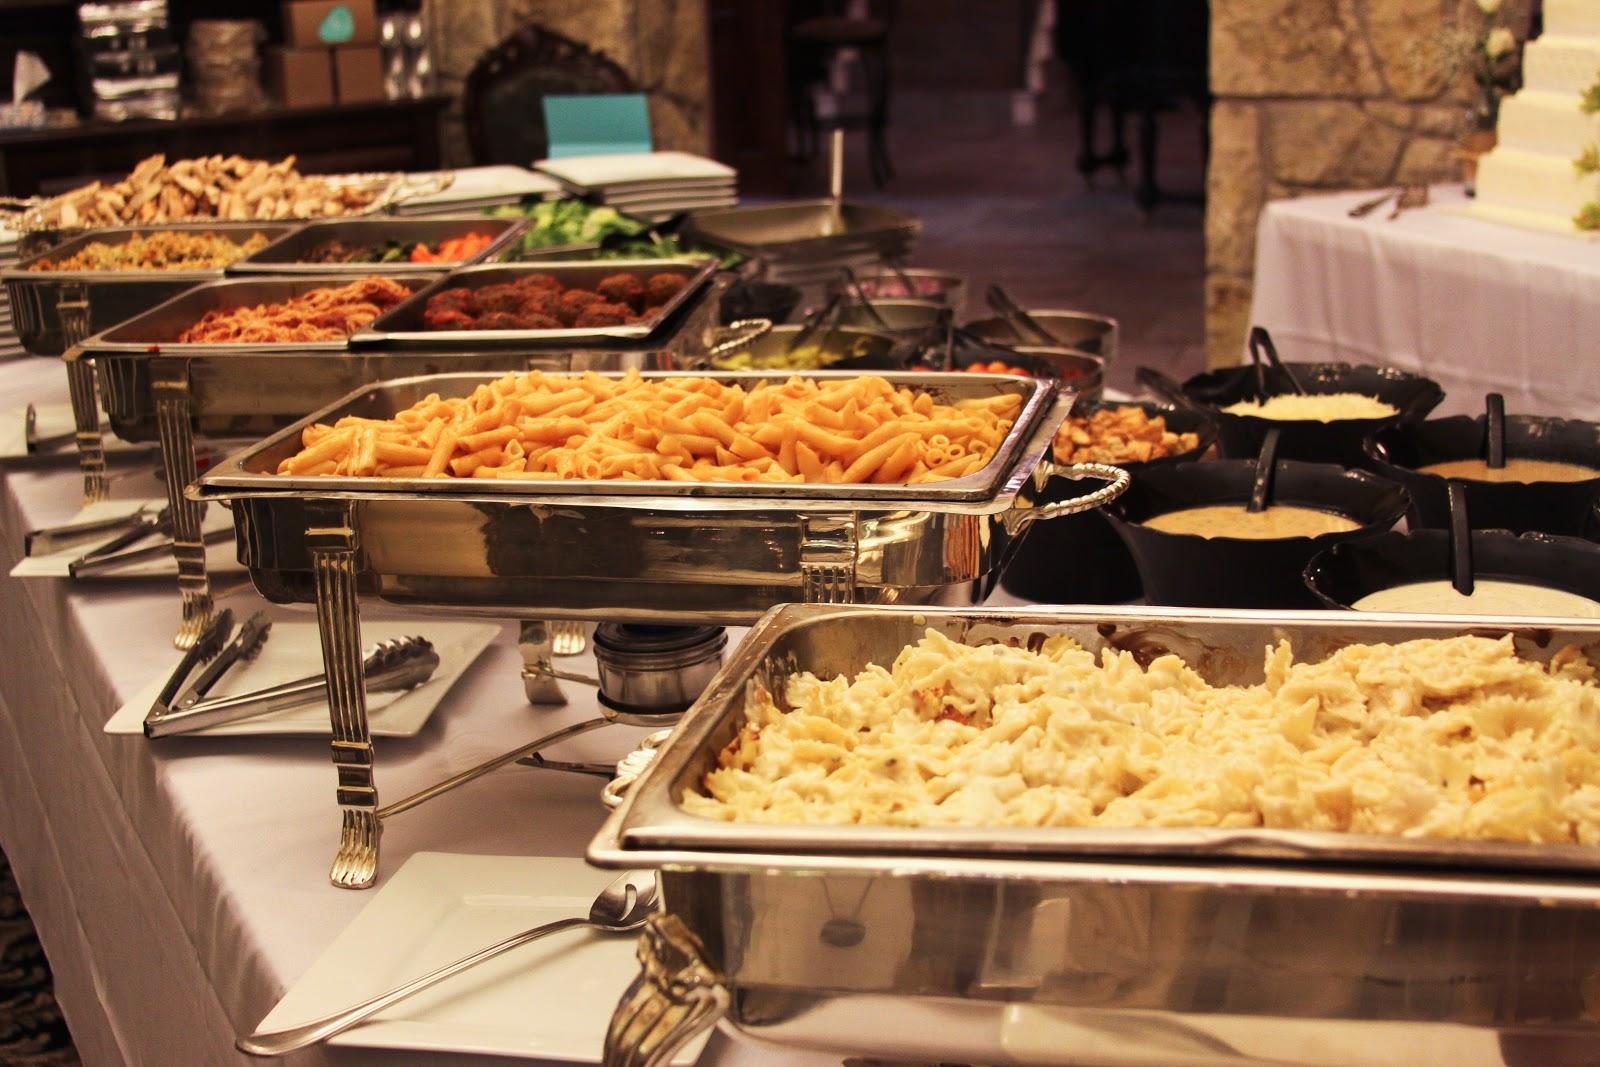 Costco Party Food Ideas